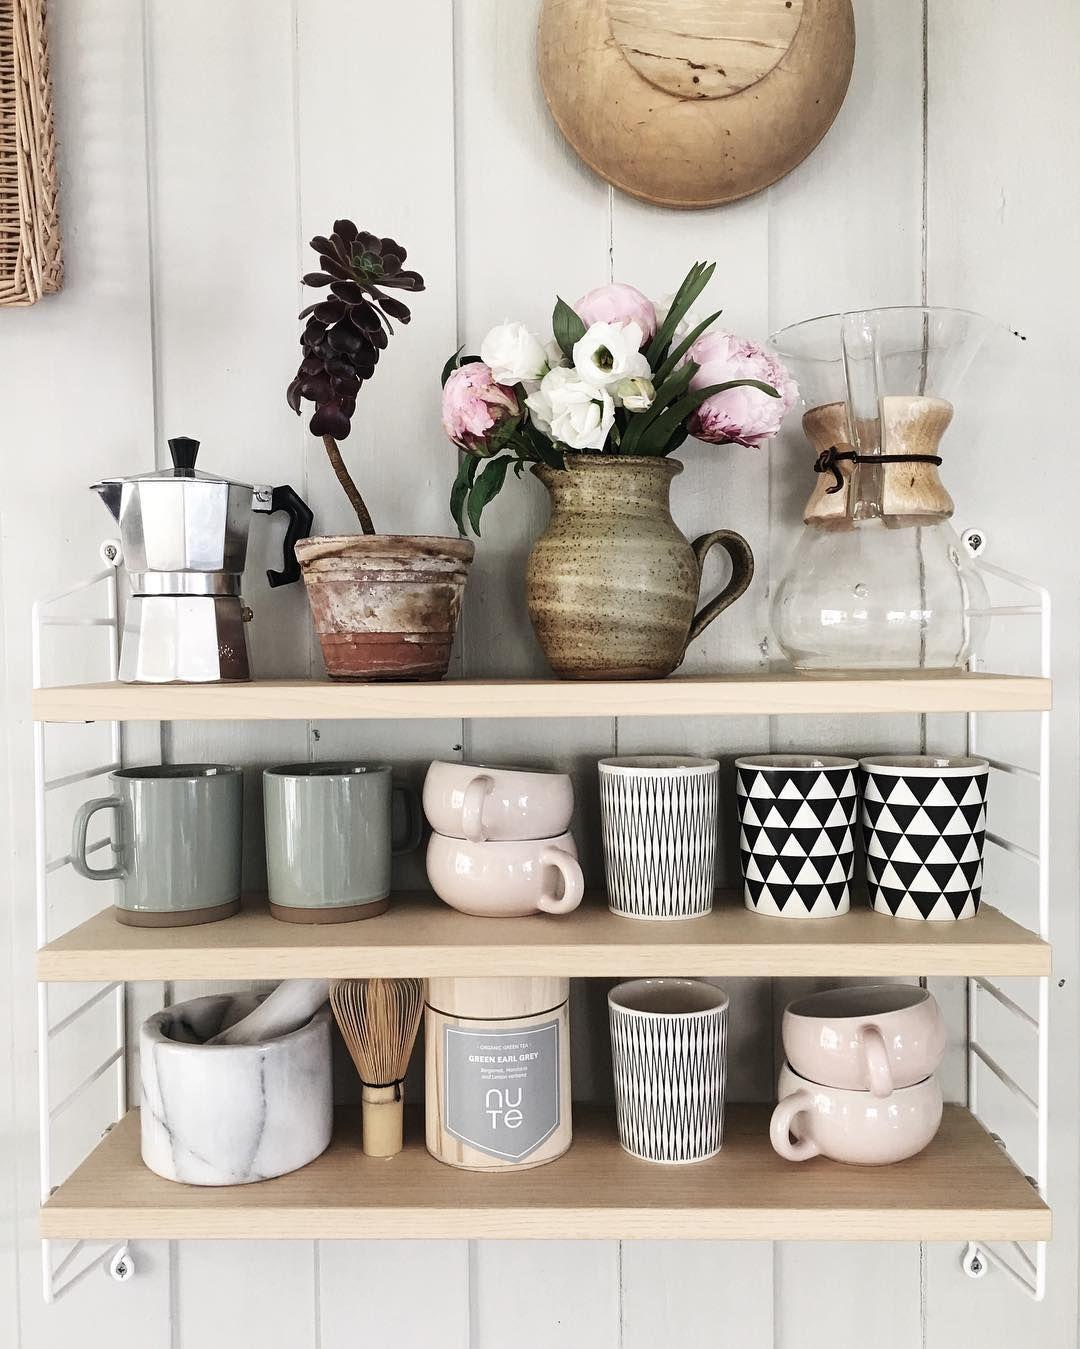 White Kitchen Shelf 8 ways to style open shelving in the kitchen | open shelving, open